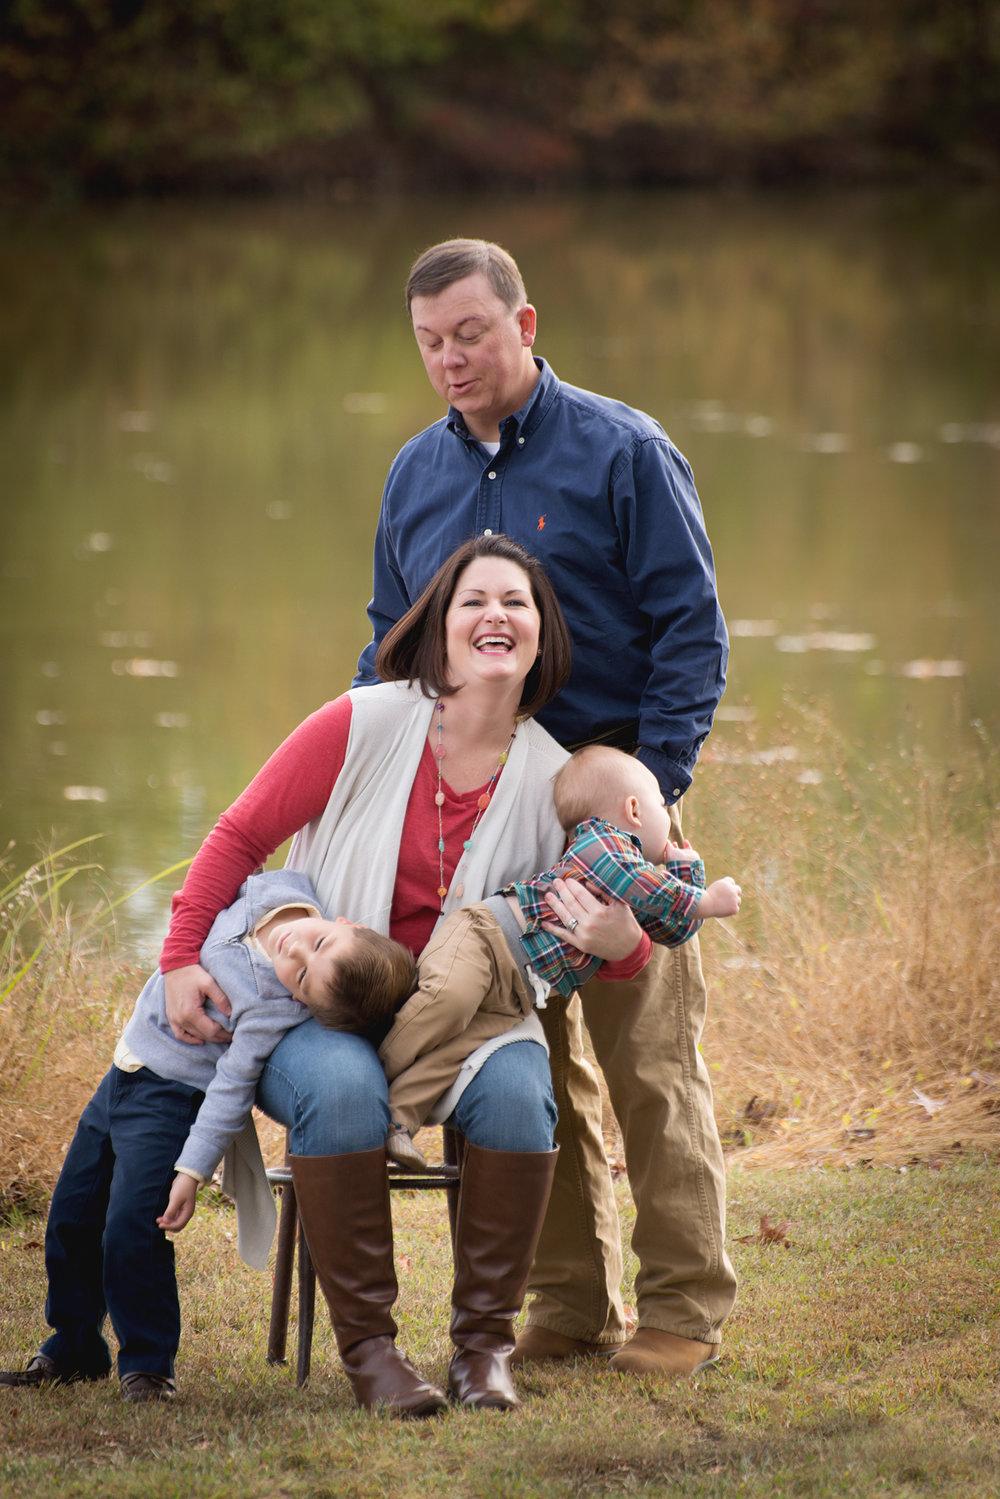 Familyphotographer-4.jpg